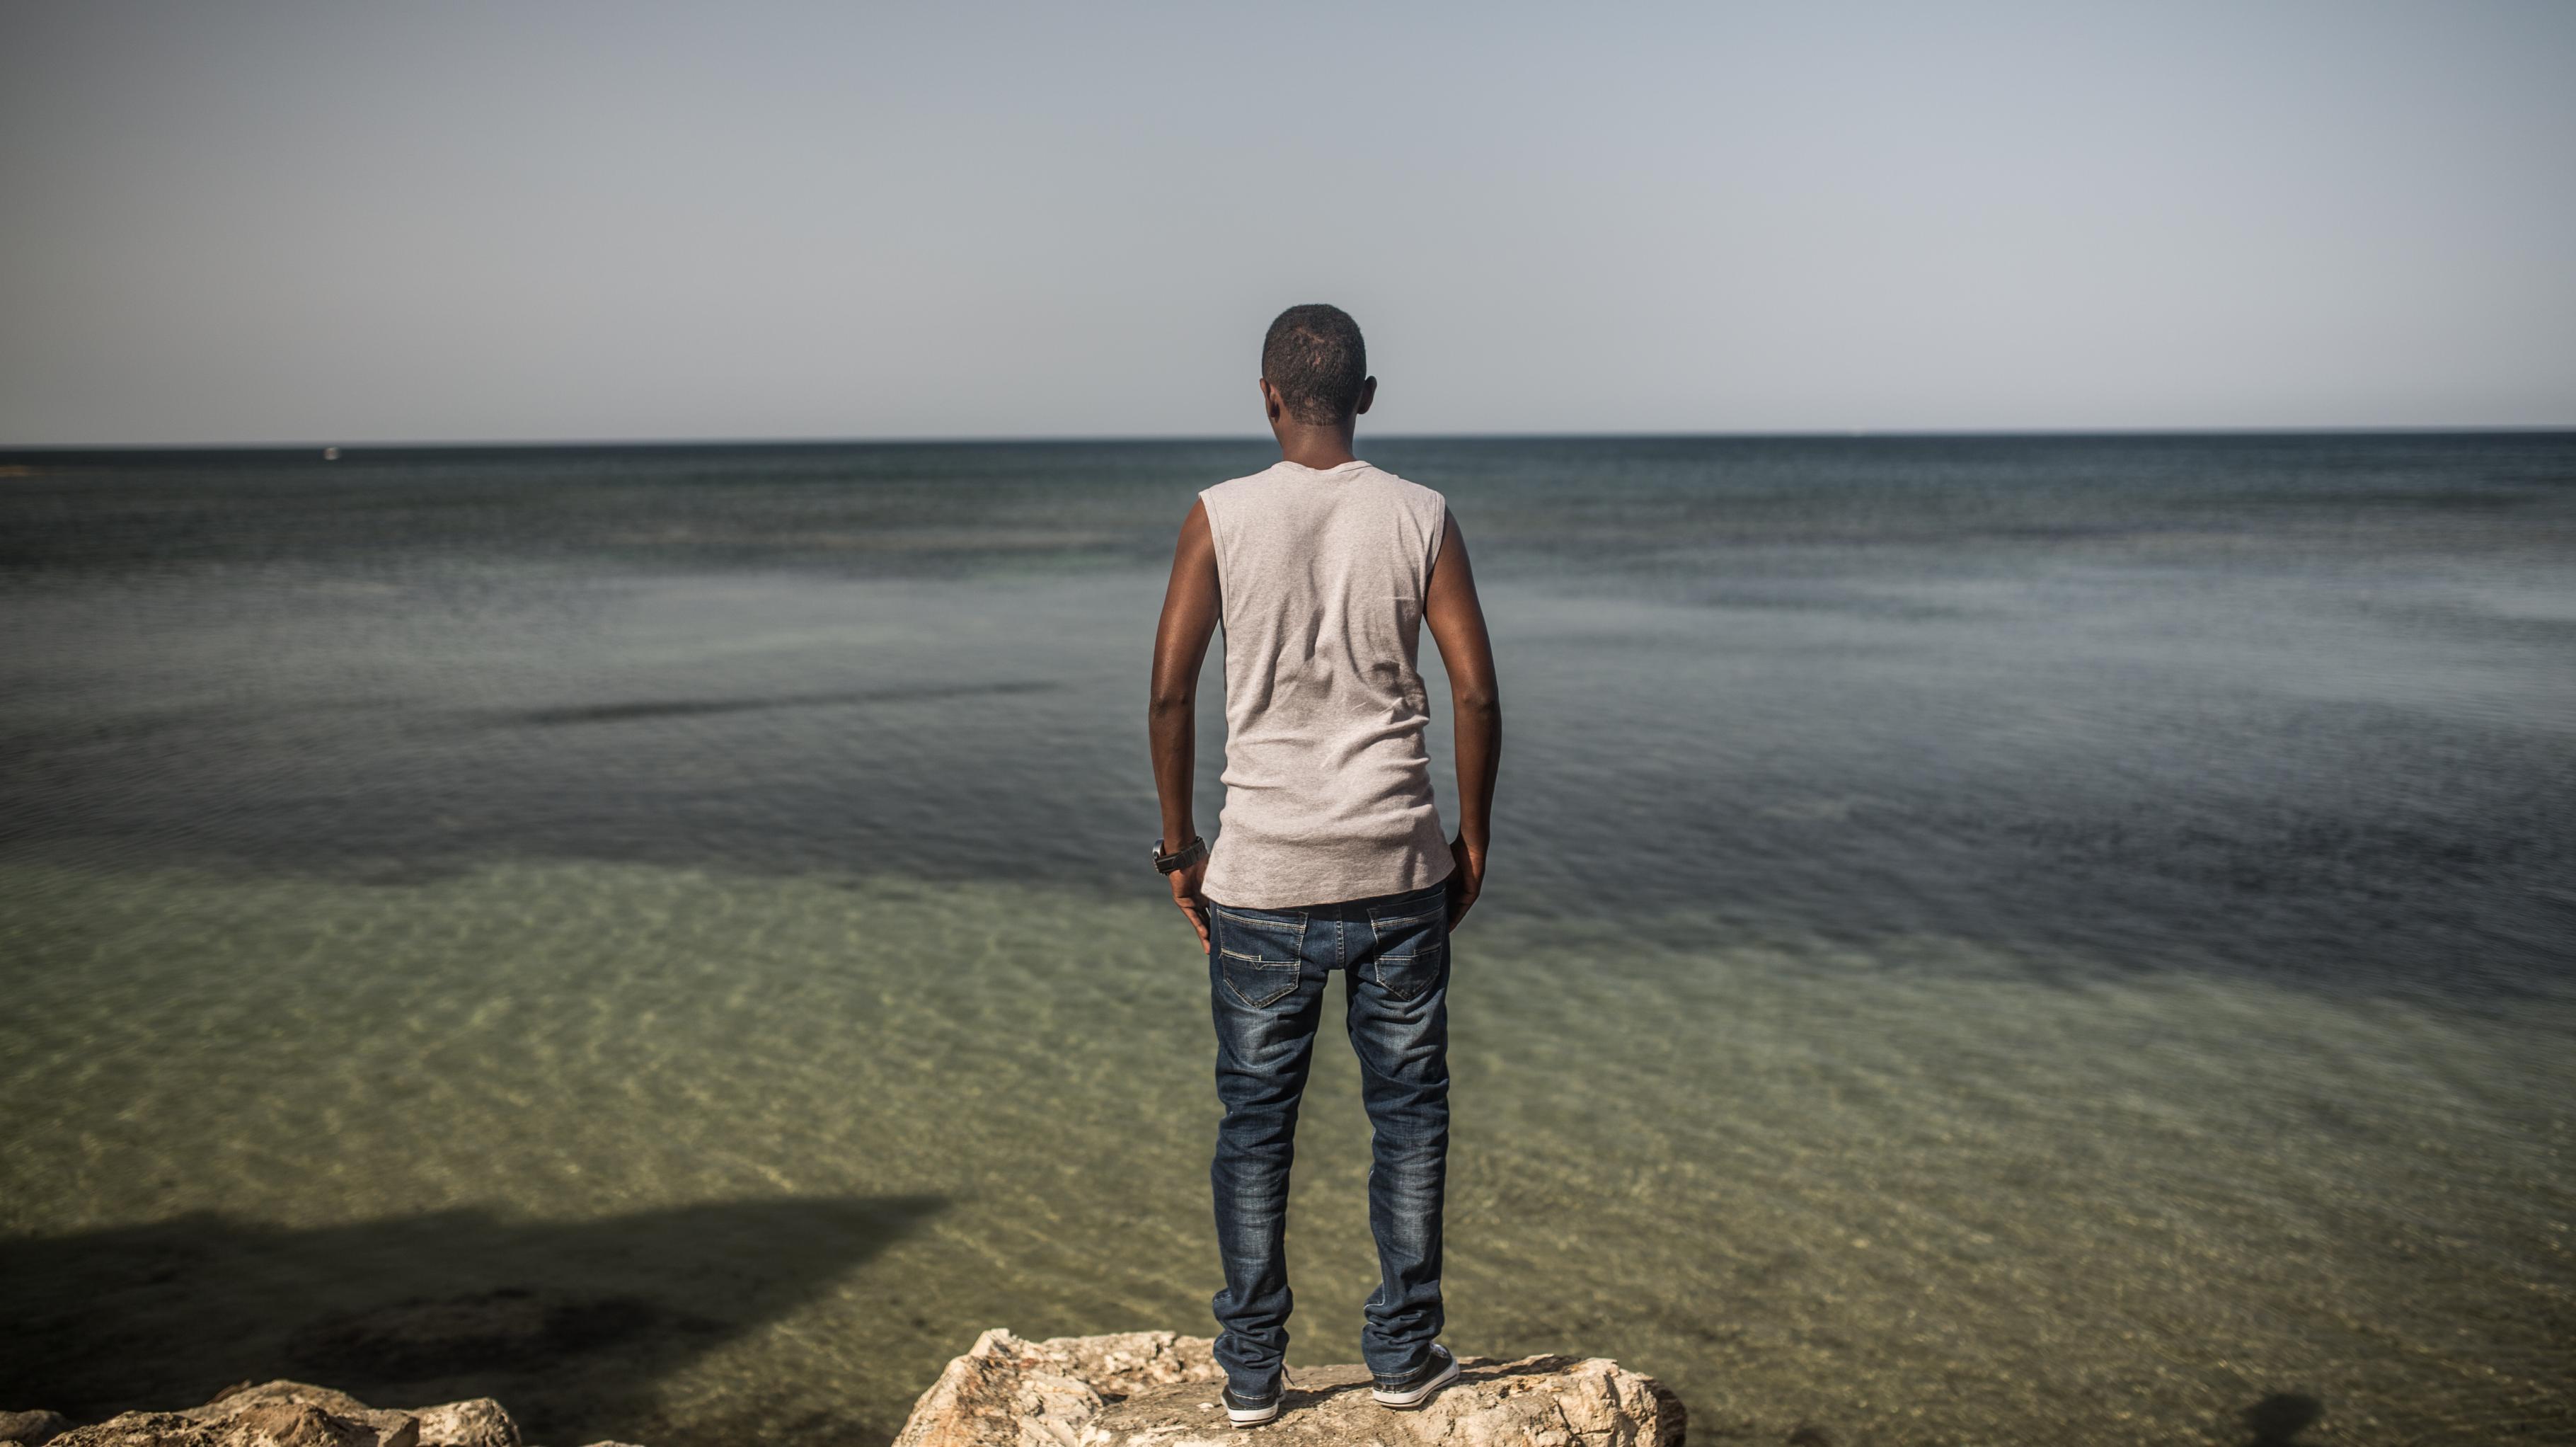 Ein Mann steht auf einem Felsen und blickt aufs Meer.